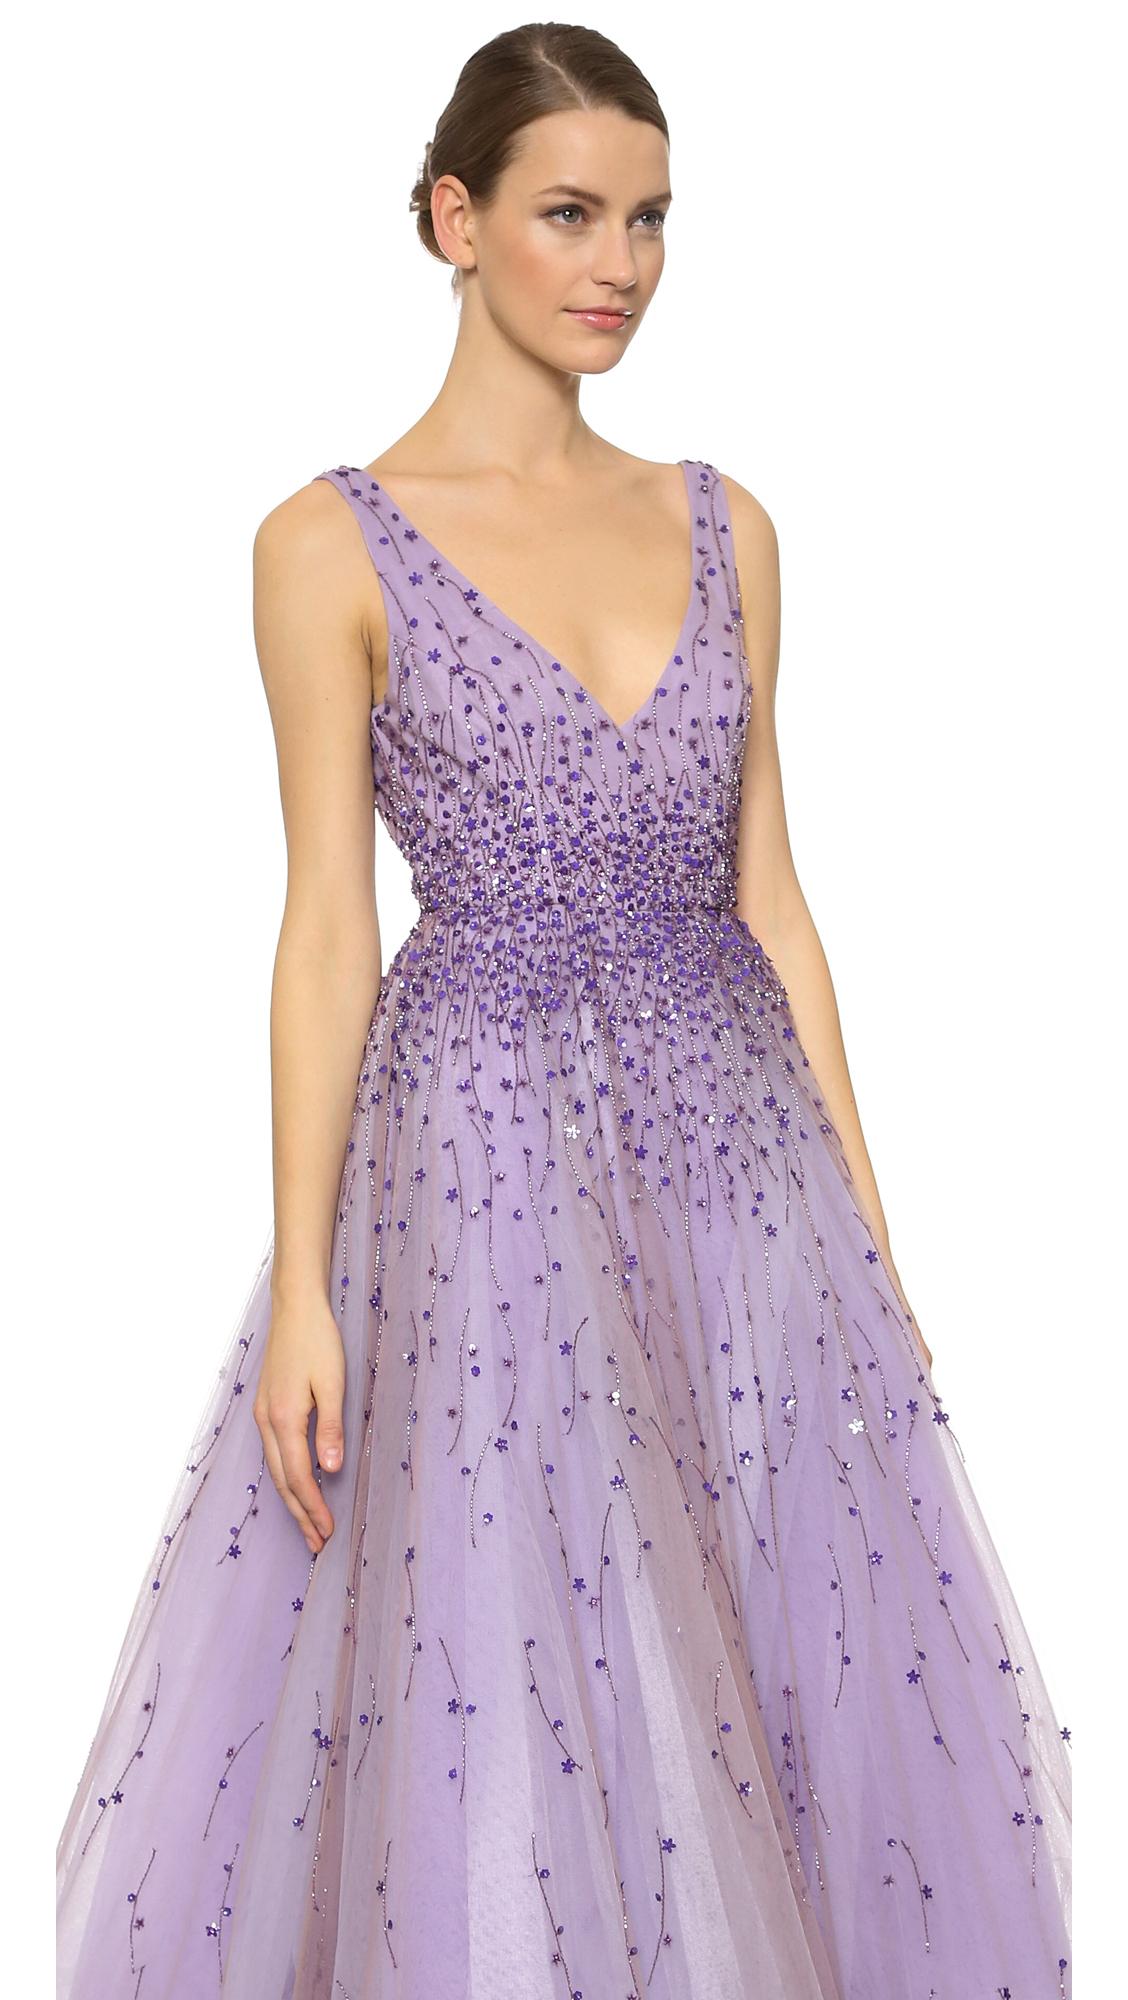 Lyst - Monique Lhuillier Paillette Degrade Ball Gown - Violet in Purple